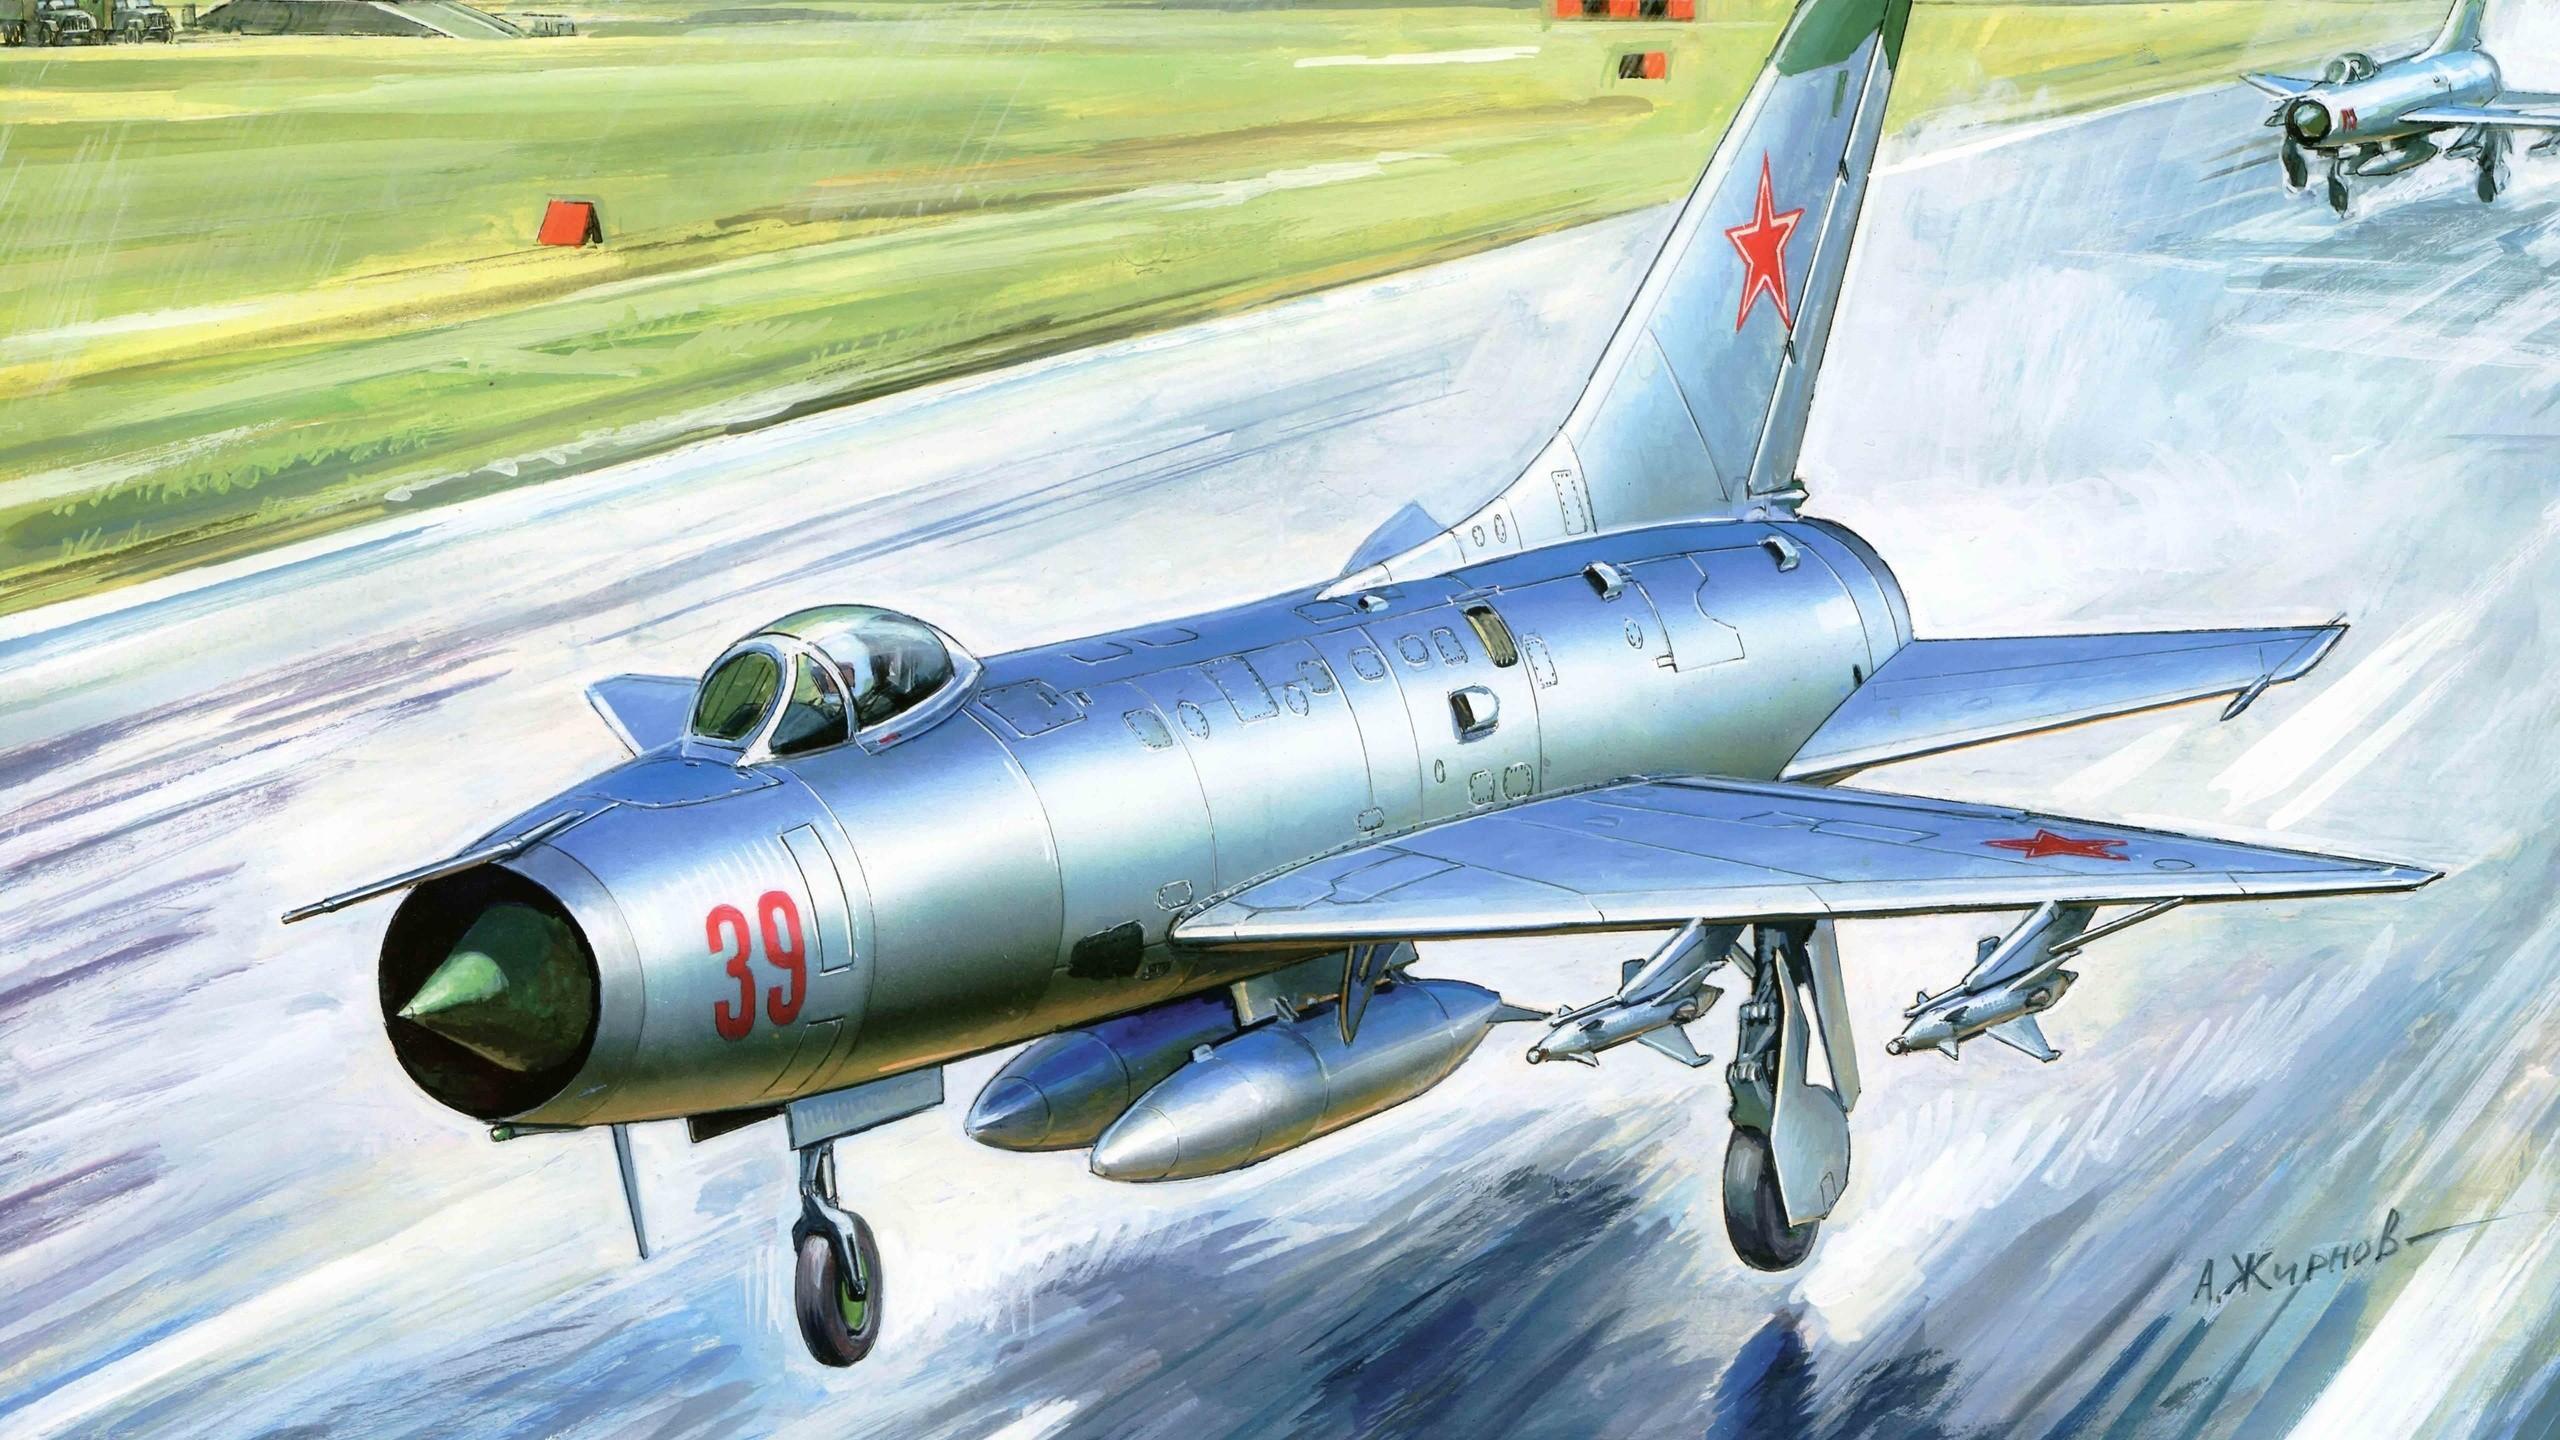 Обои советский многоцелевой истребитель. Авиация foto 19